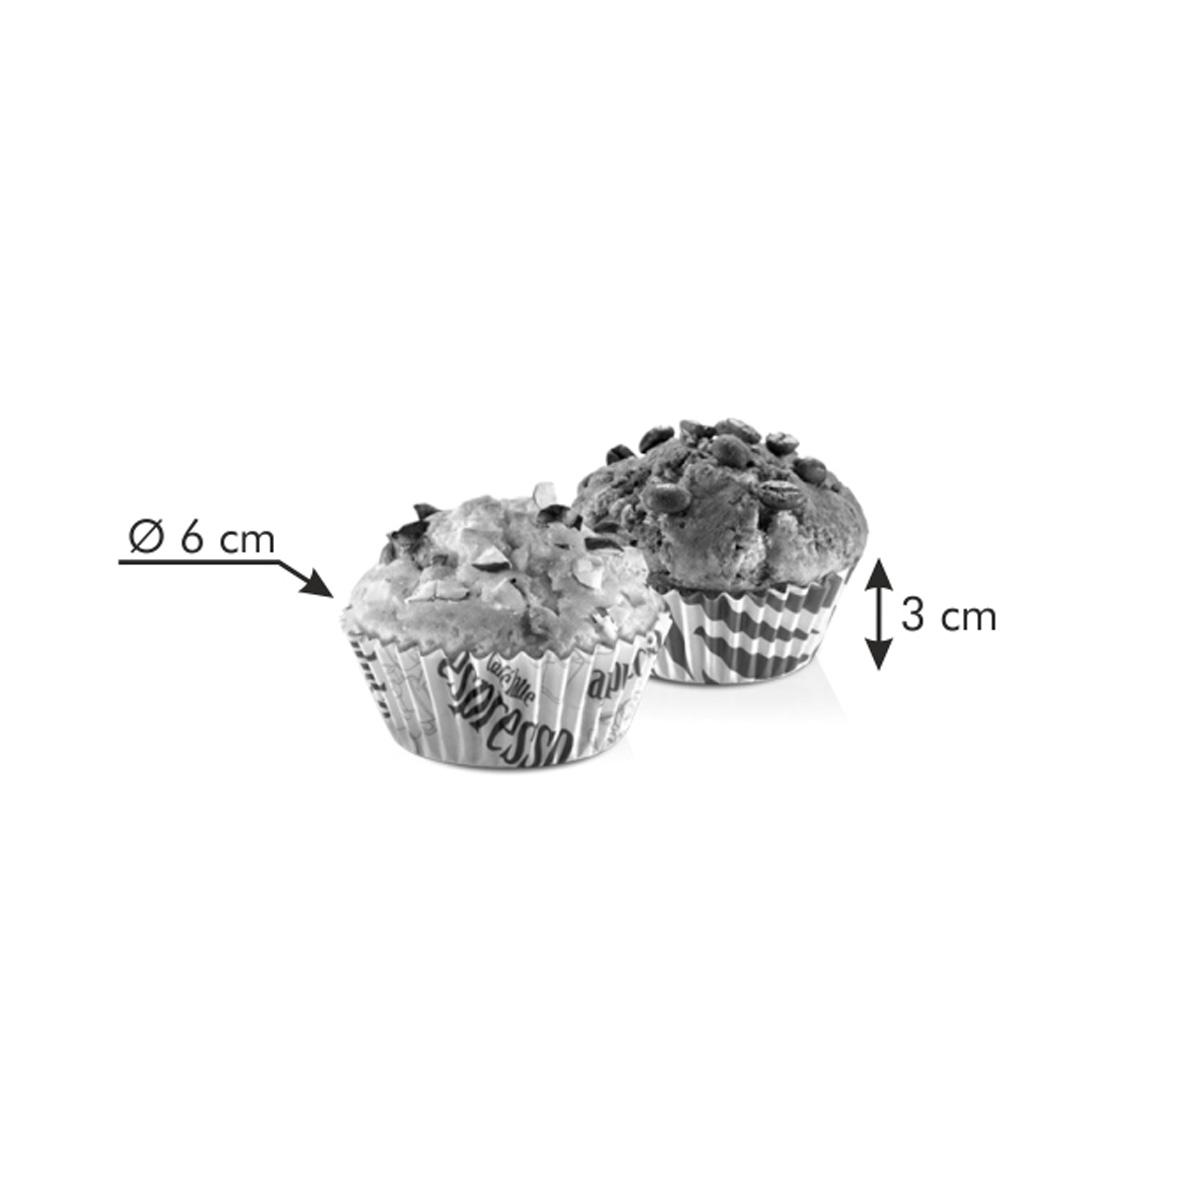 Cukrářské košíčky DELÍCIA ø 6 cm, 60 ks, ke kávě